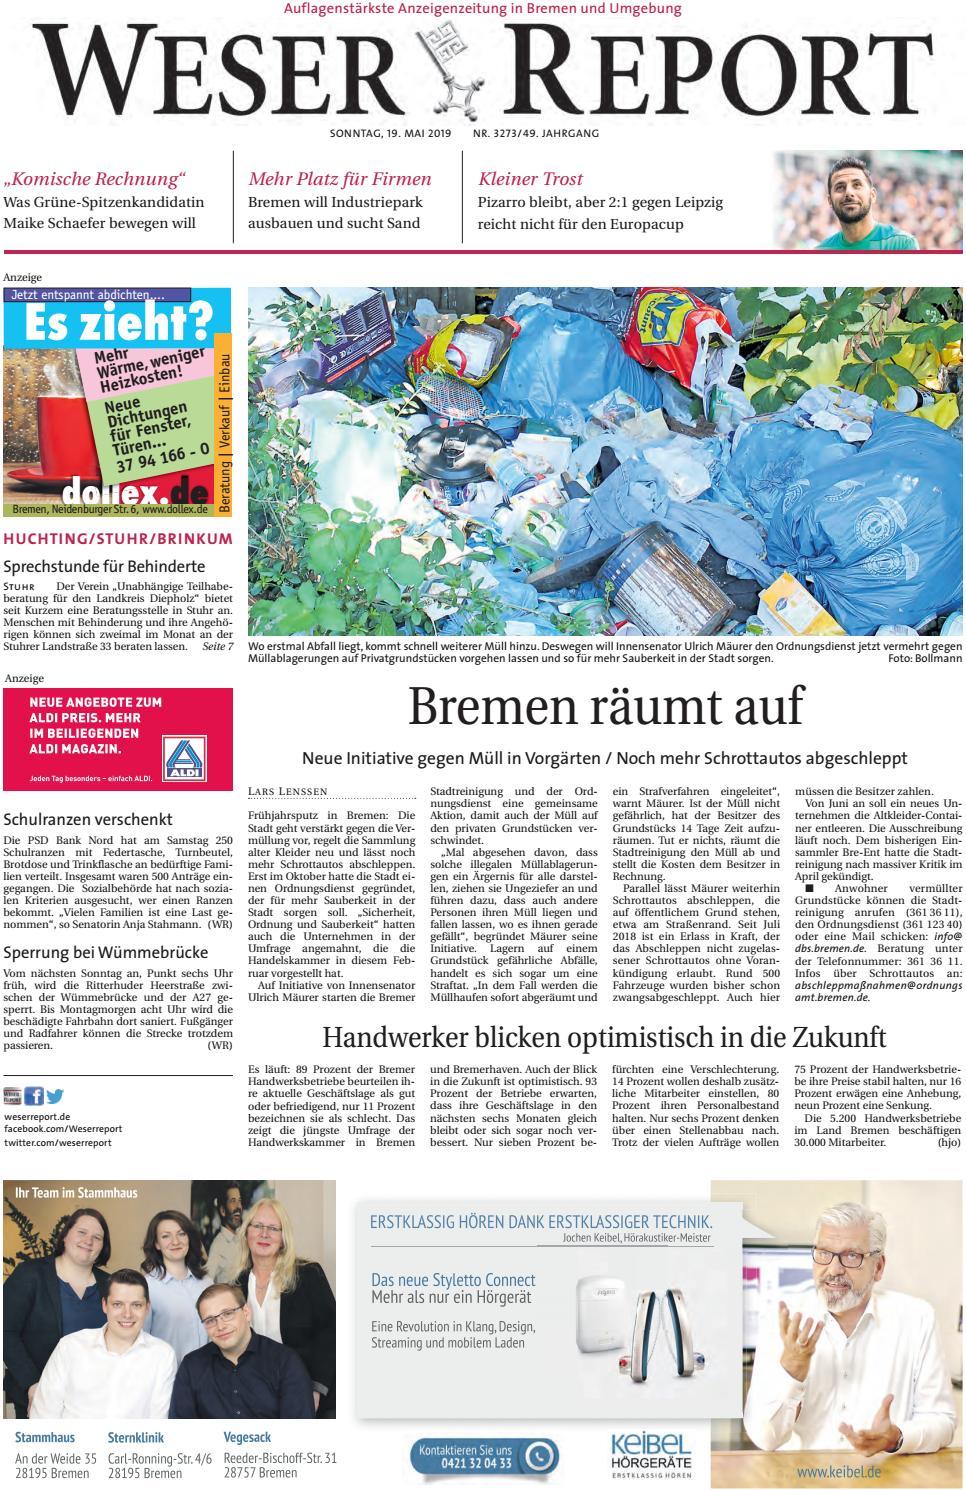 Weser Report Huchting Stuhr Brinkum vom 19.05.2019 by KPS